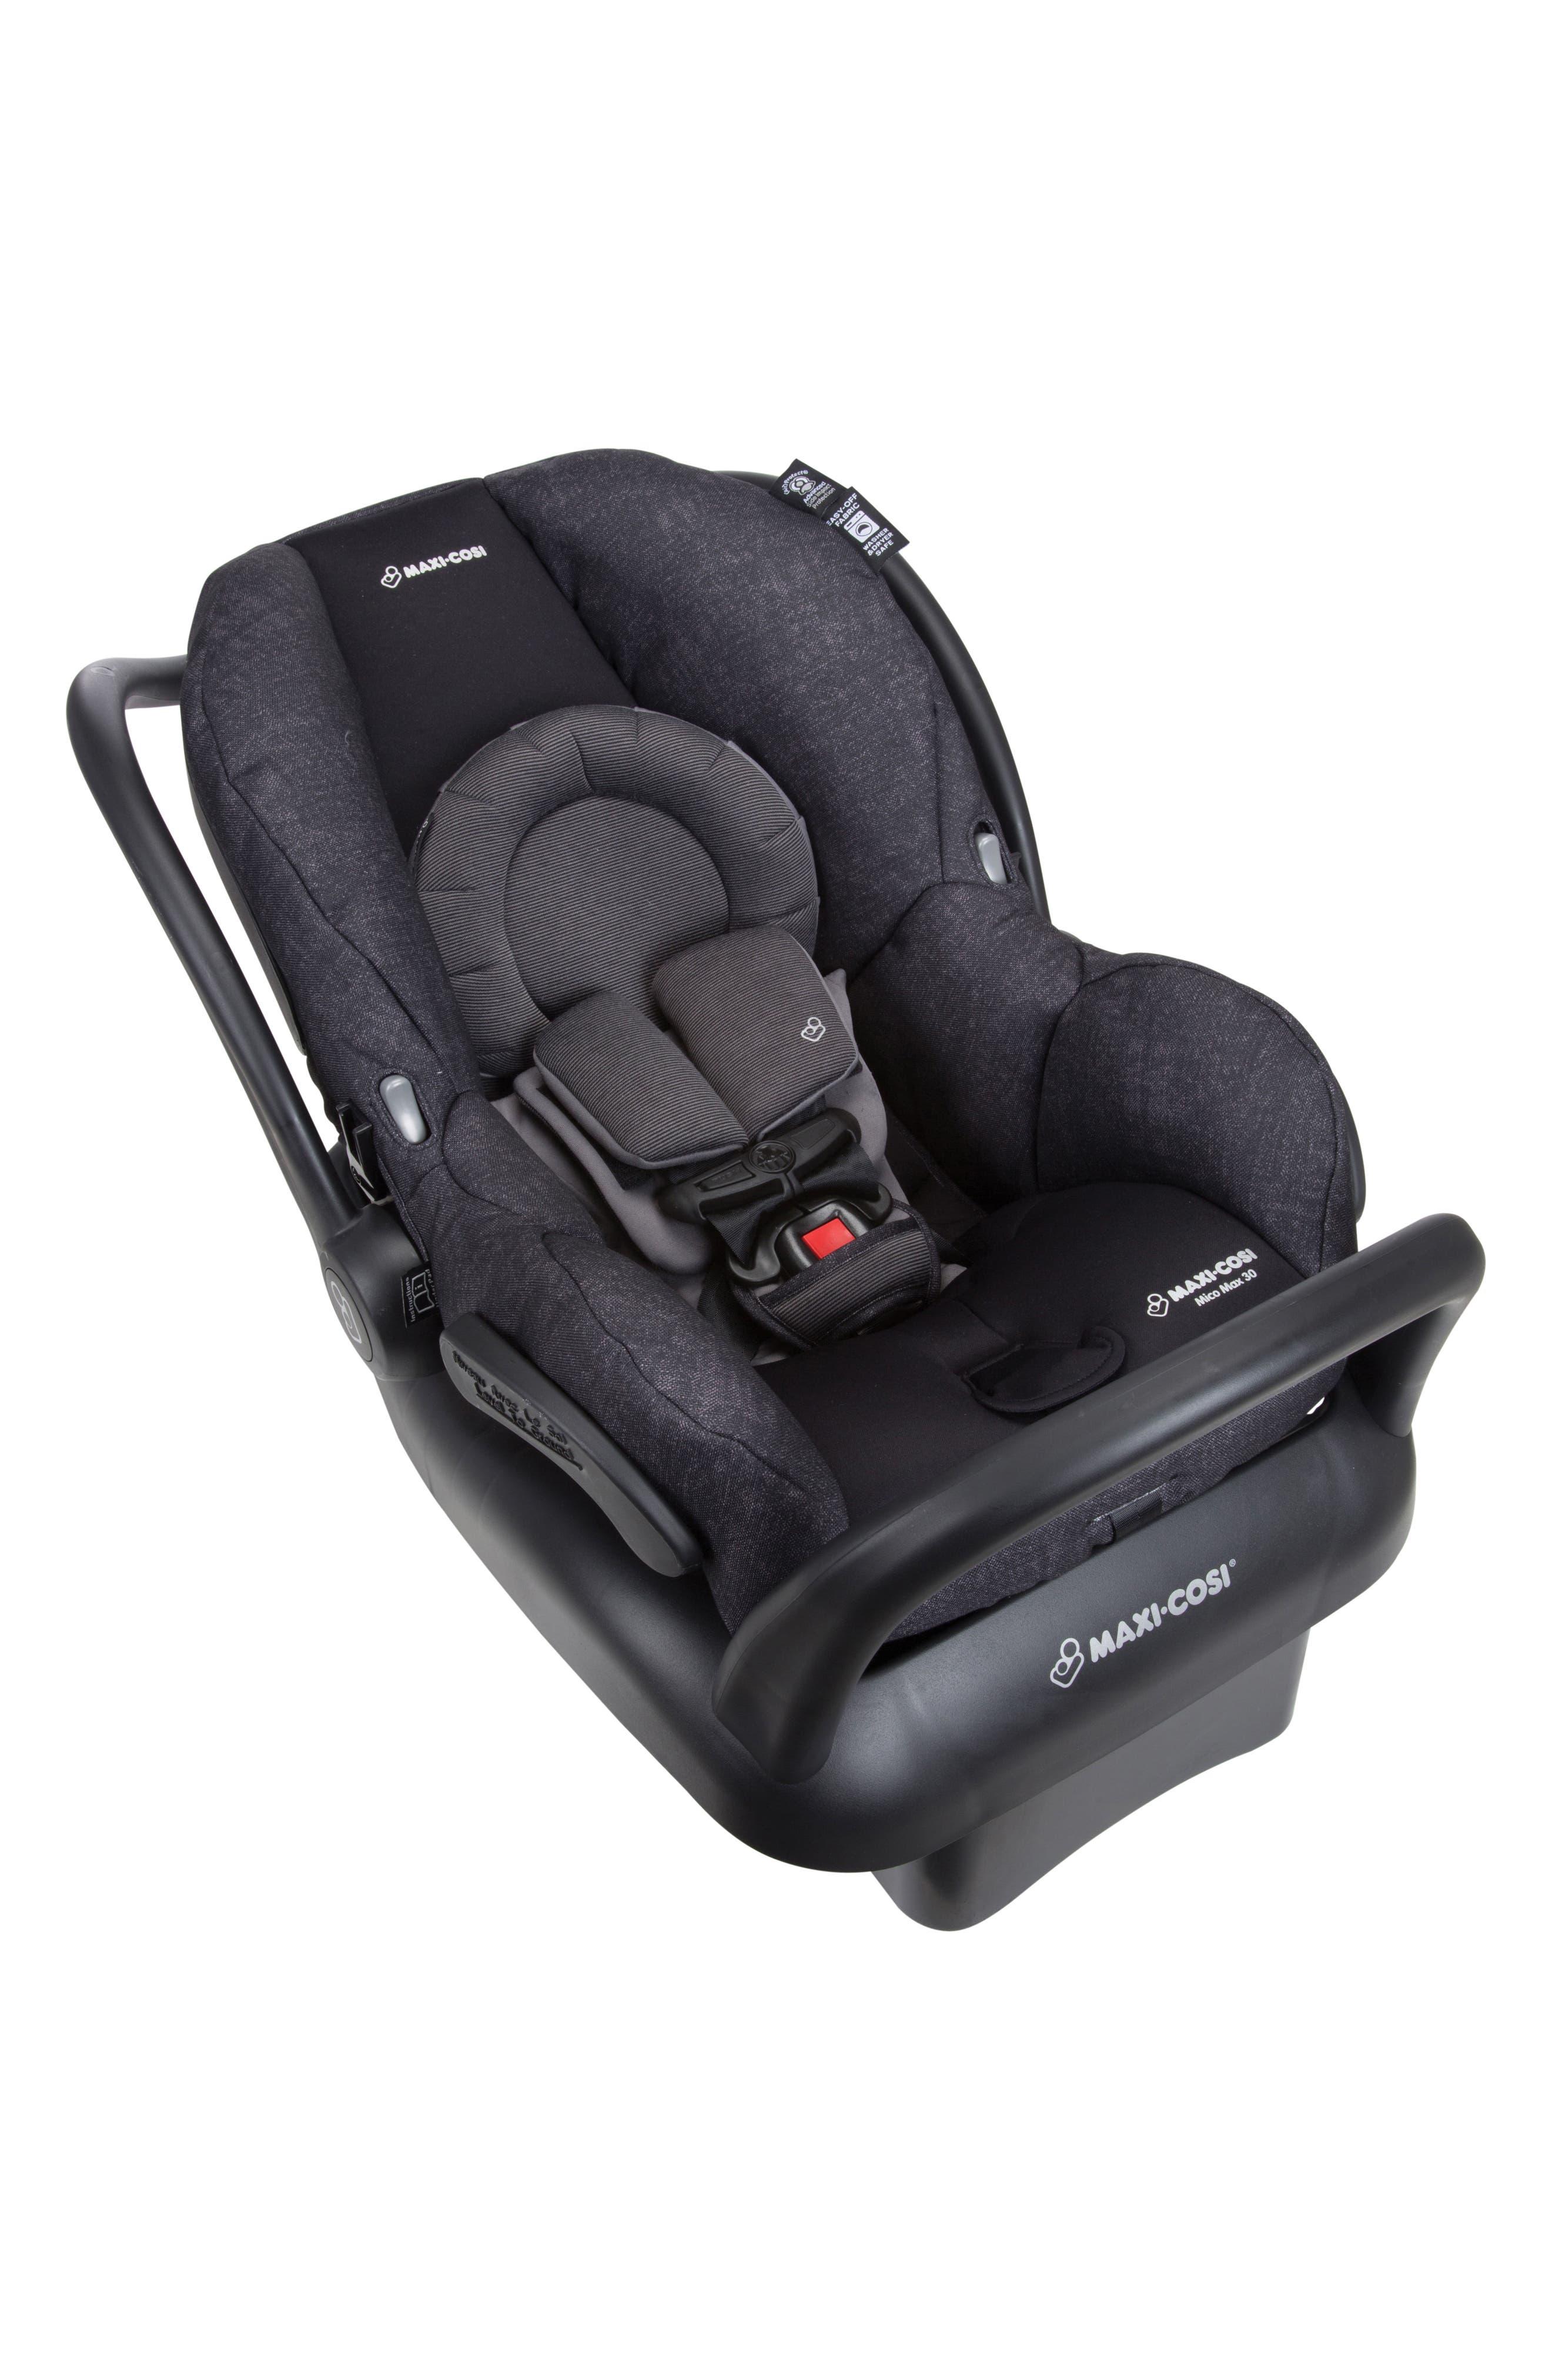 Maxi Cosi Car Seats Strollers